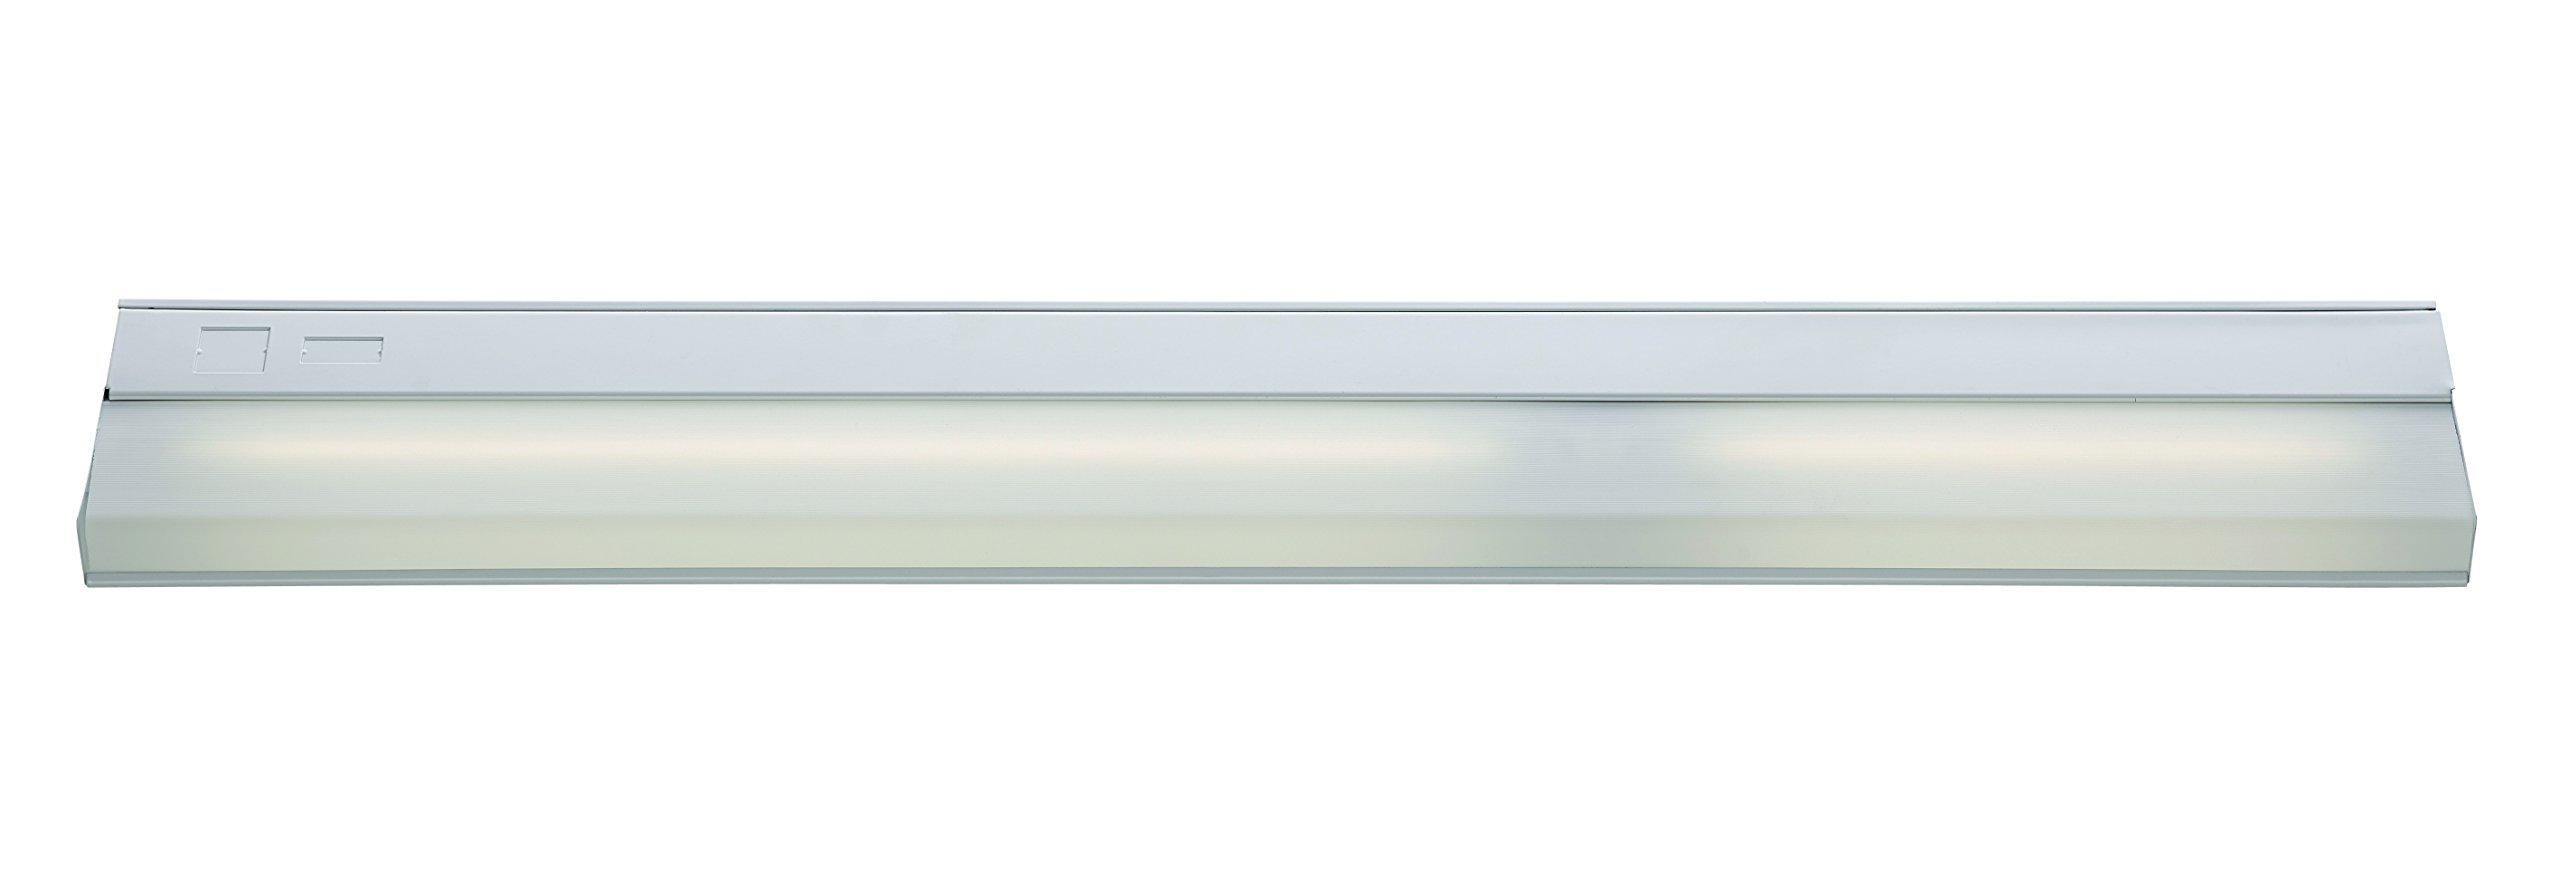 Trans Globe Lighting CAB-33 WH Indoor Signature 33'' Undercabinet, White